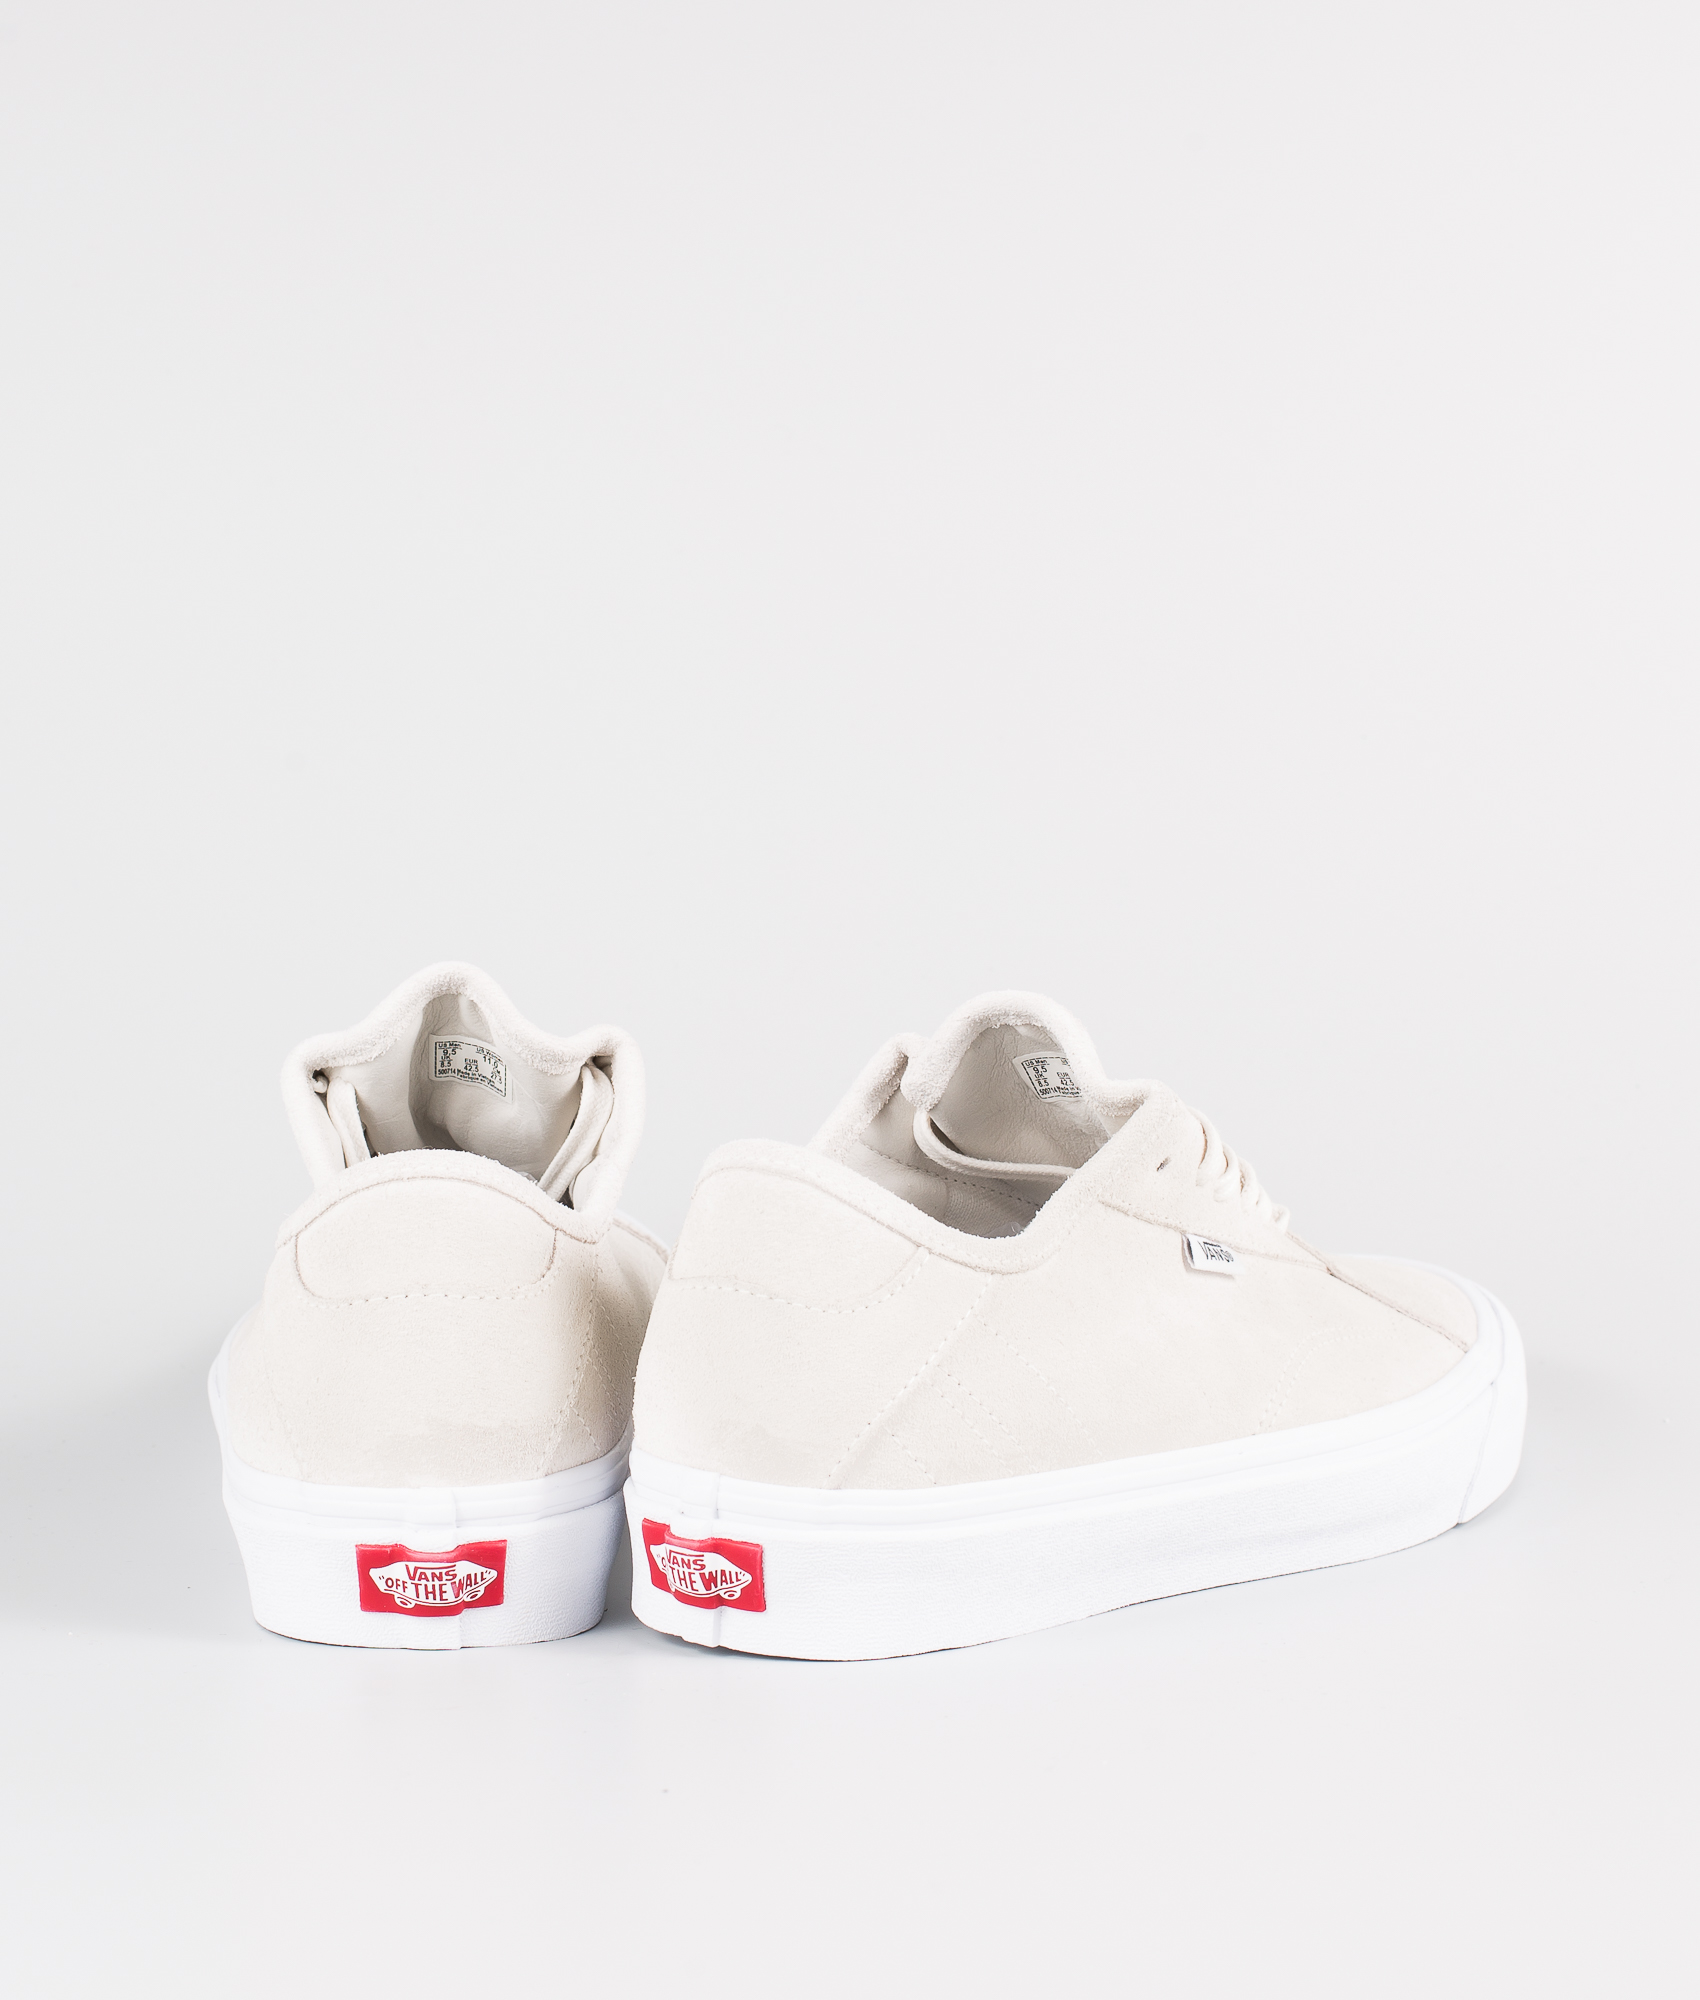 Vans Diamo Ni Shoes (Suede) Blanc De